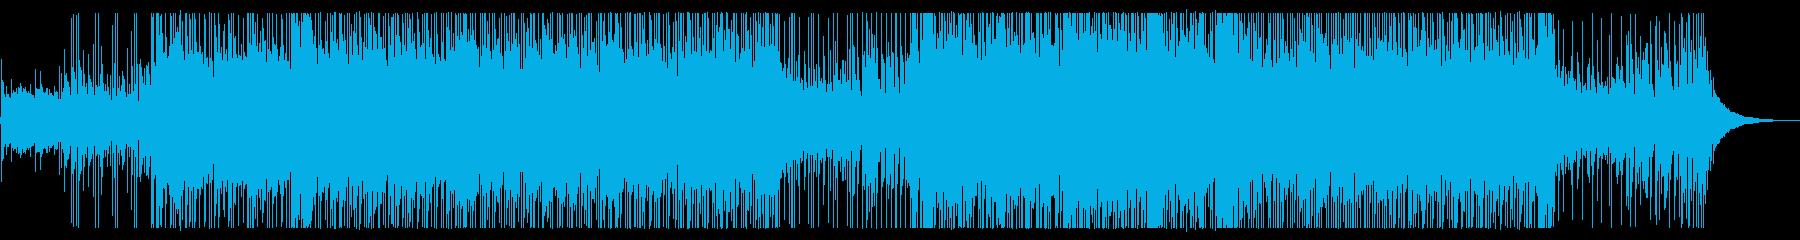 ピアノが心地よく響くオルタナ系バラードの再生済みの波形